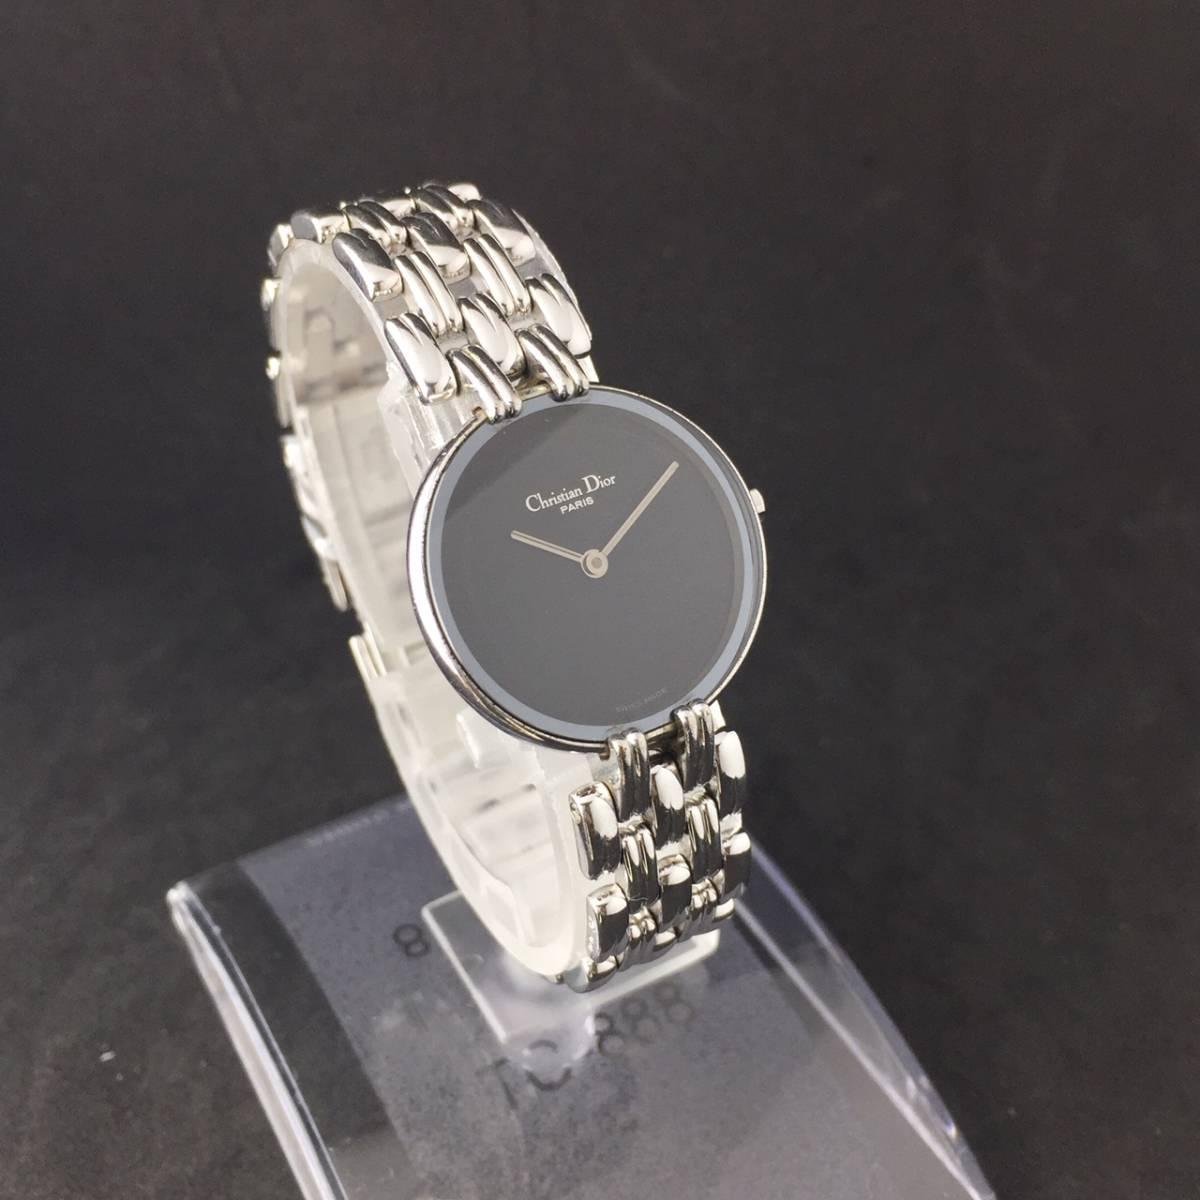 【1円~】Christian Dior クリスチャン ディオール 腕時計 レディース D44-120 Bagheera バギラ 可動品_画像3